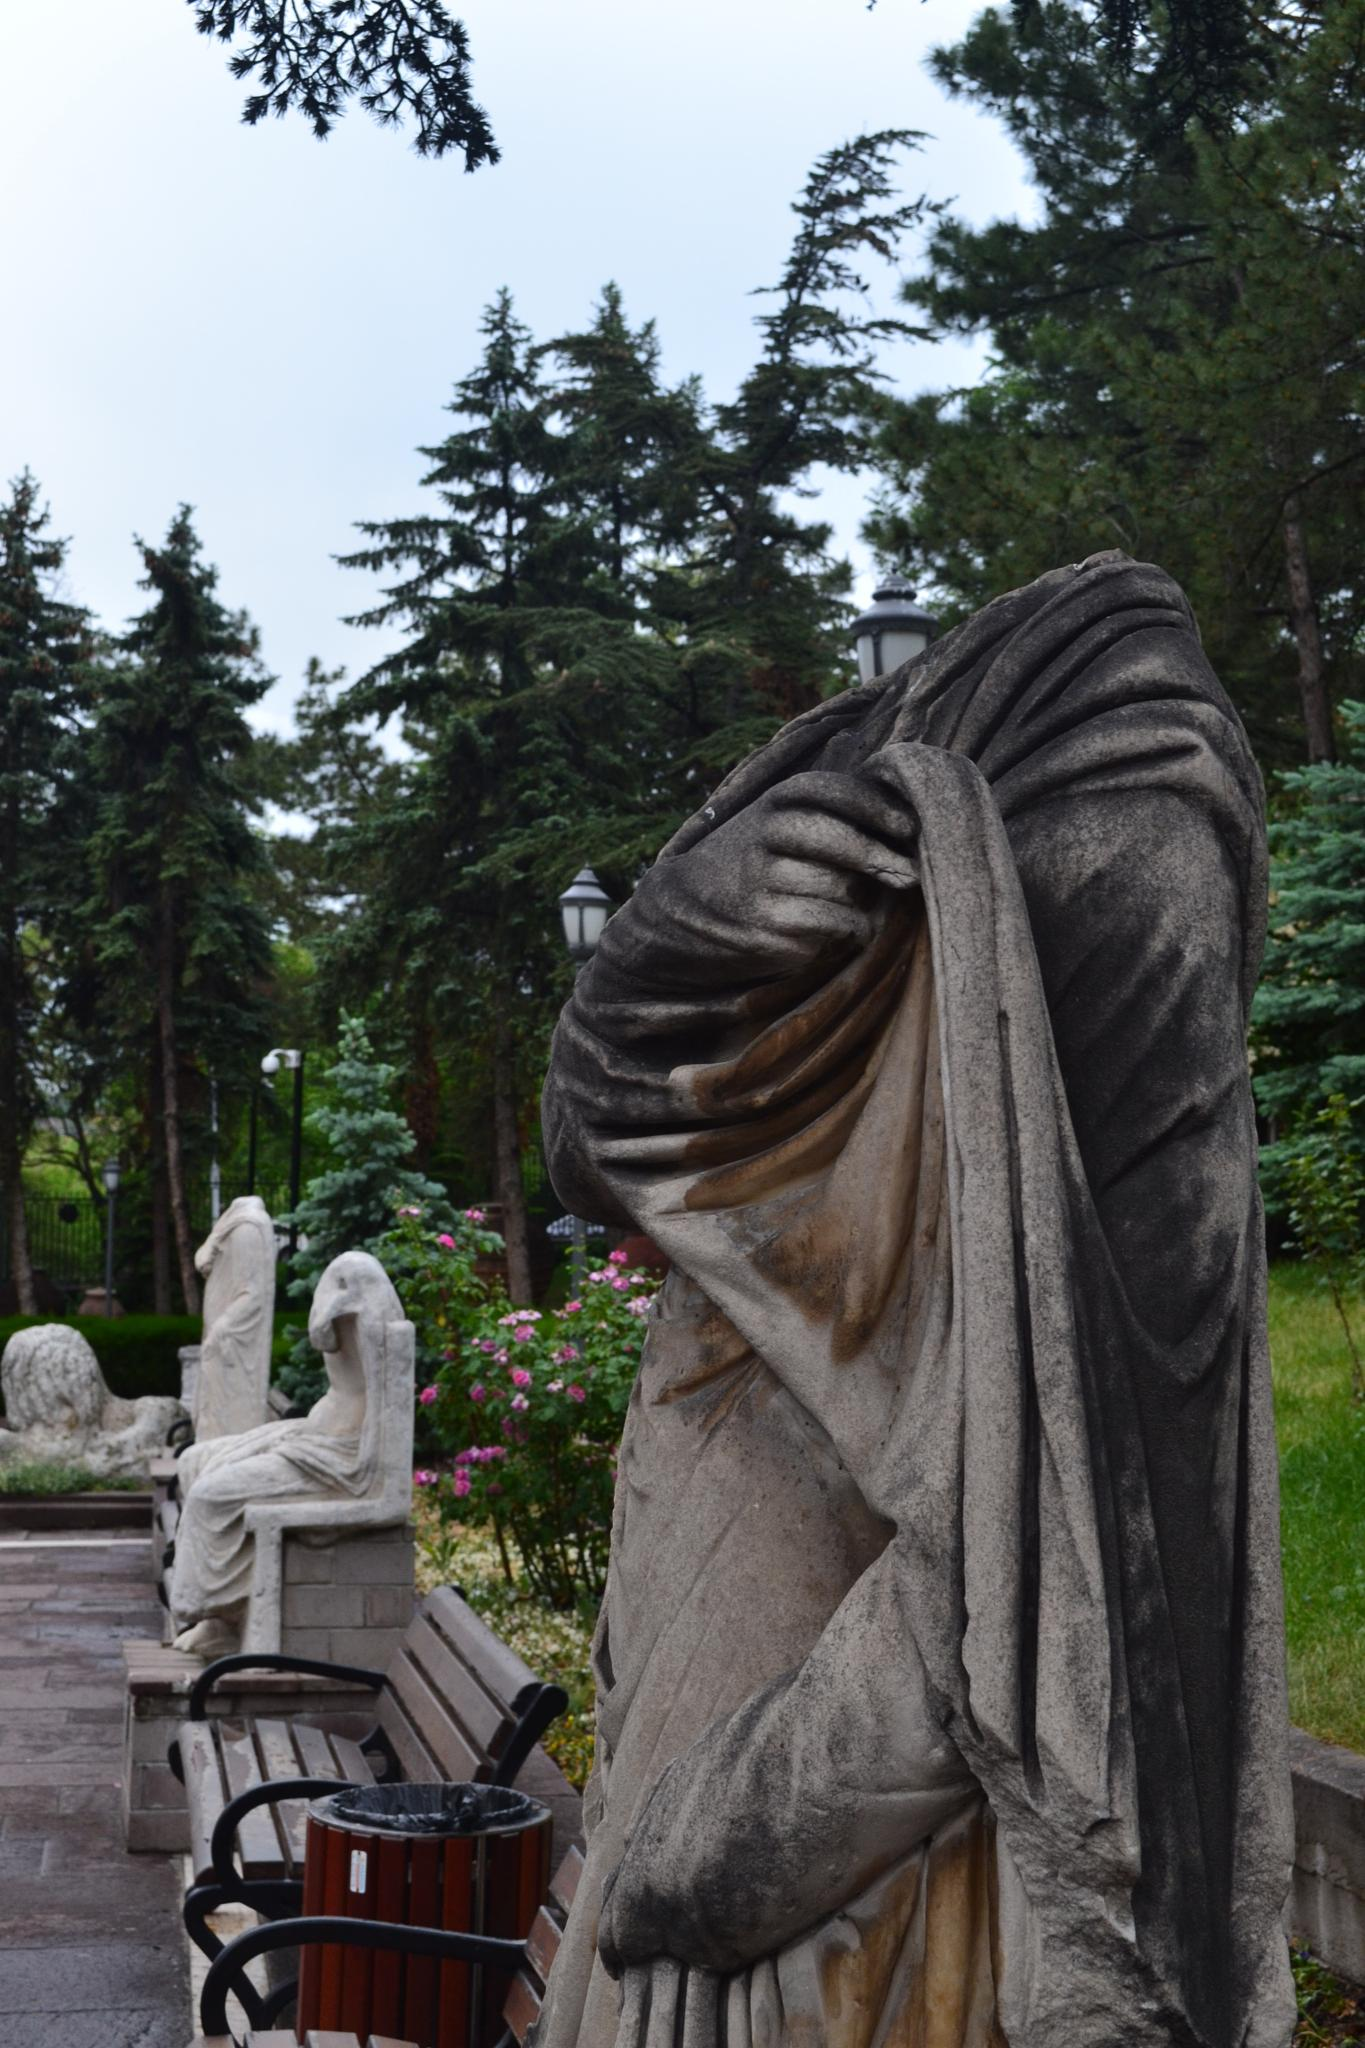 statue in the garden by mervetuna